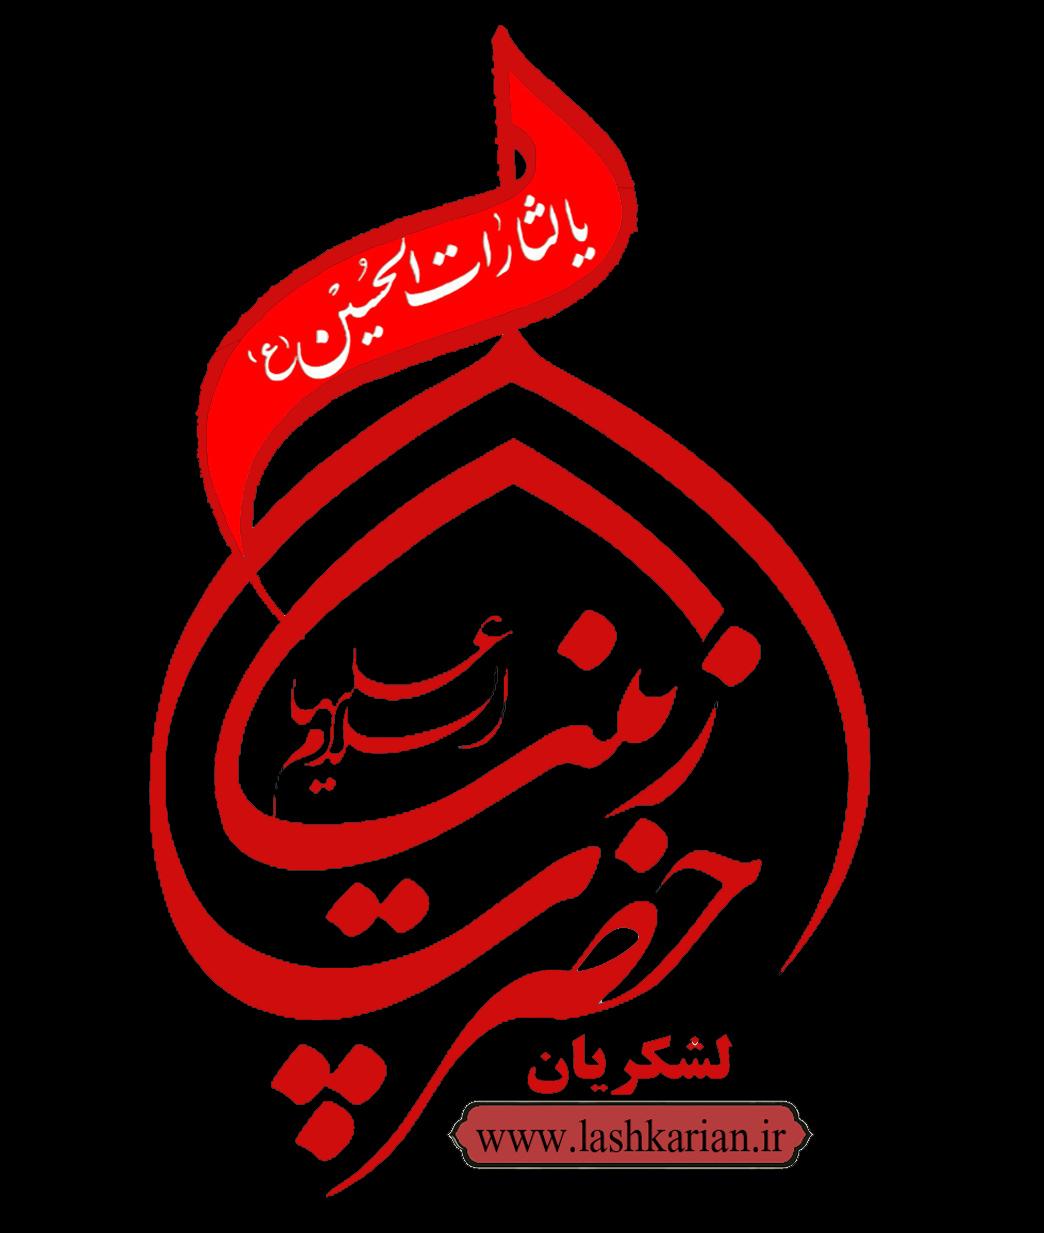 شهادت حضرت رقیه سلام الله 95